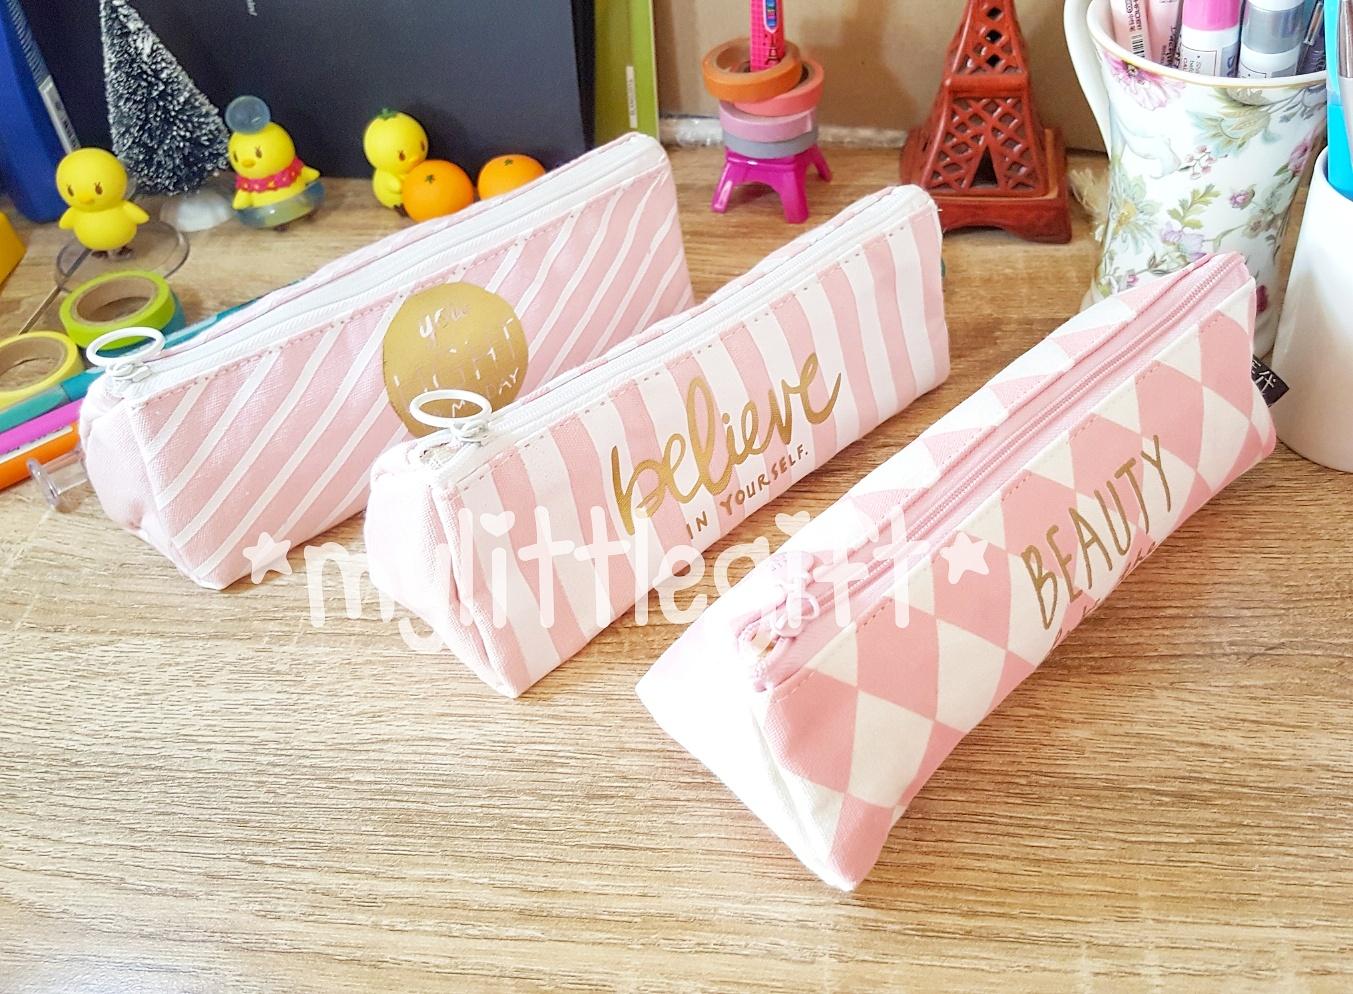 กระเป๋าดินสอผ้า ทรงสามเหลี่ยม สีชมพู